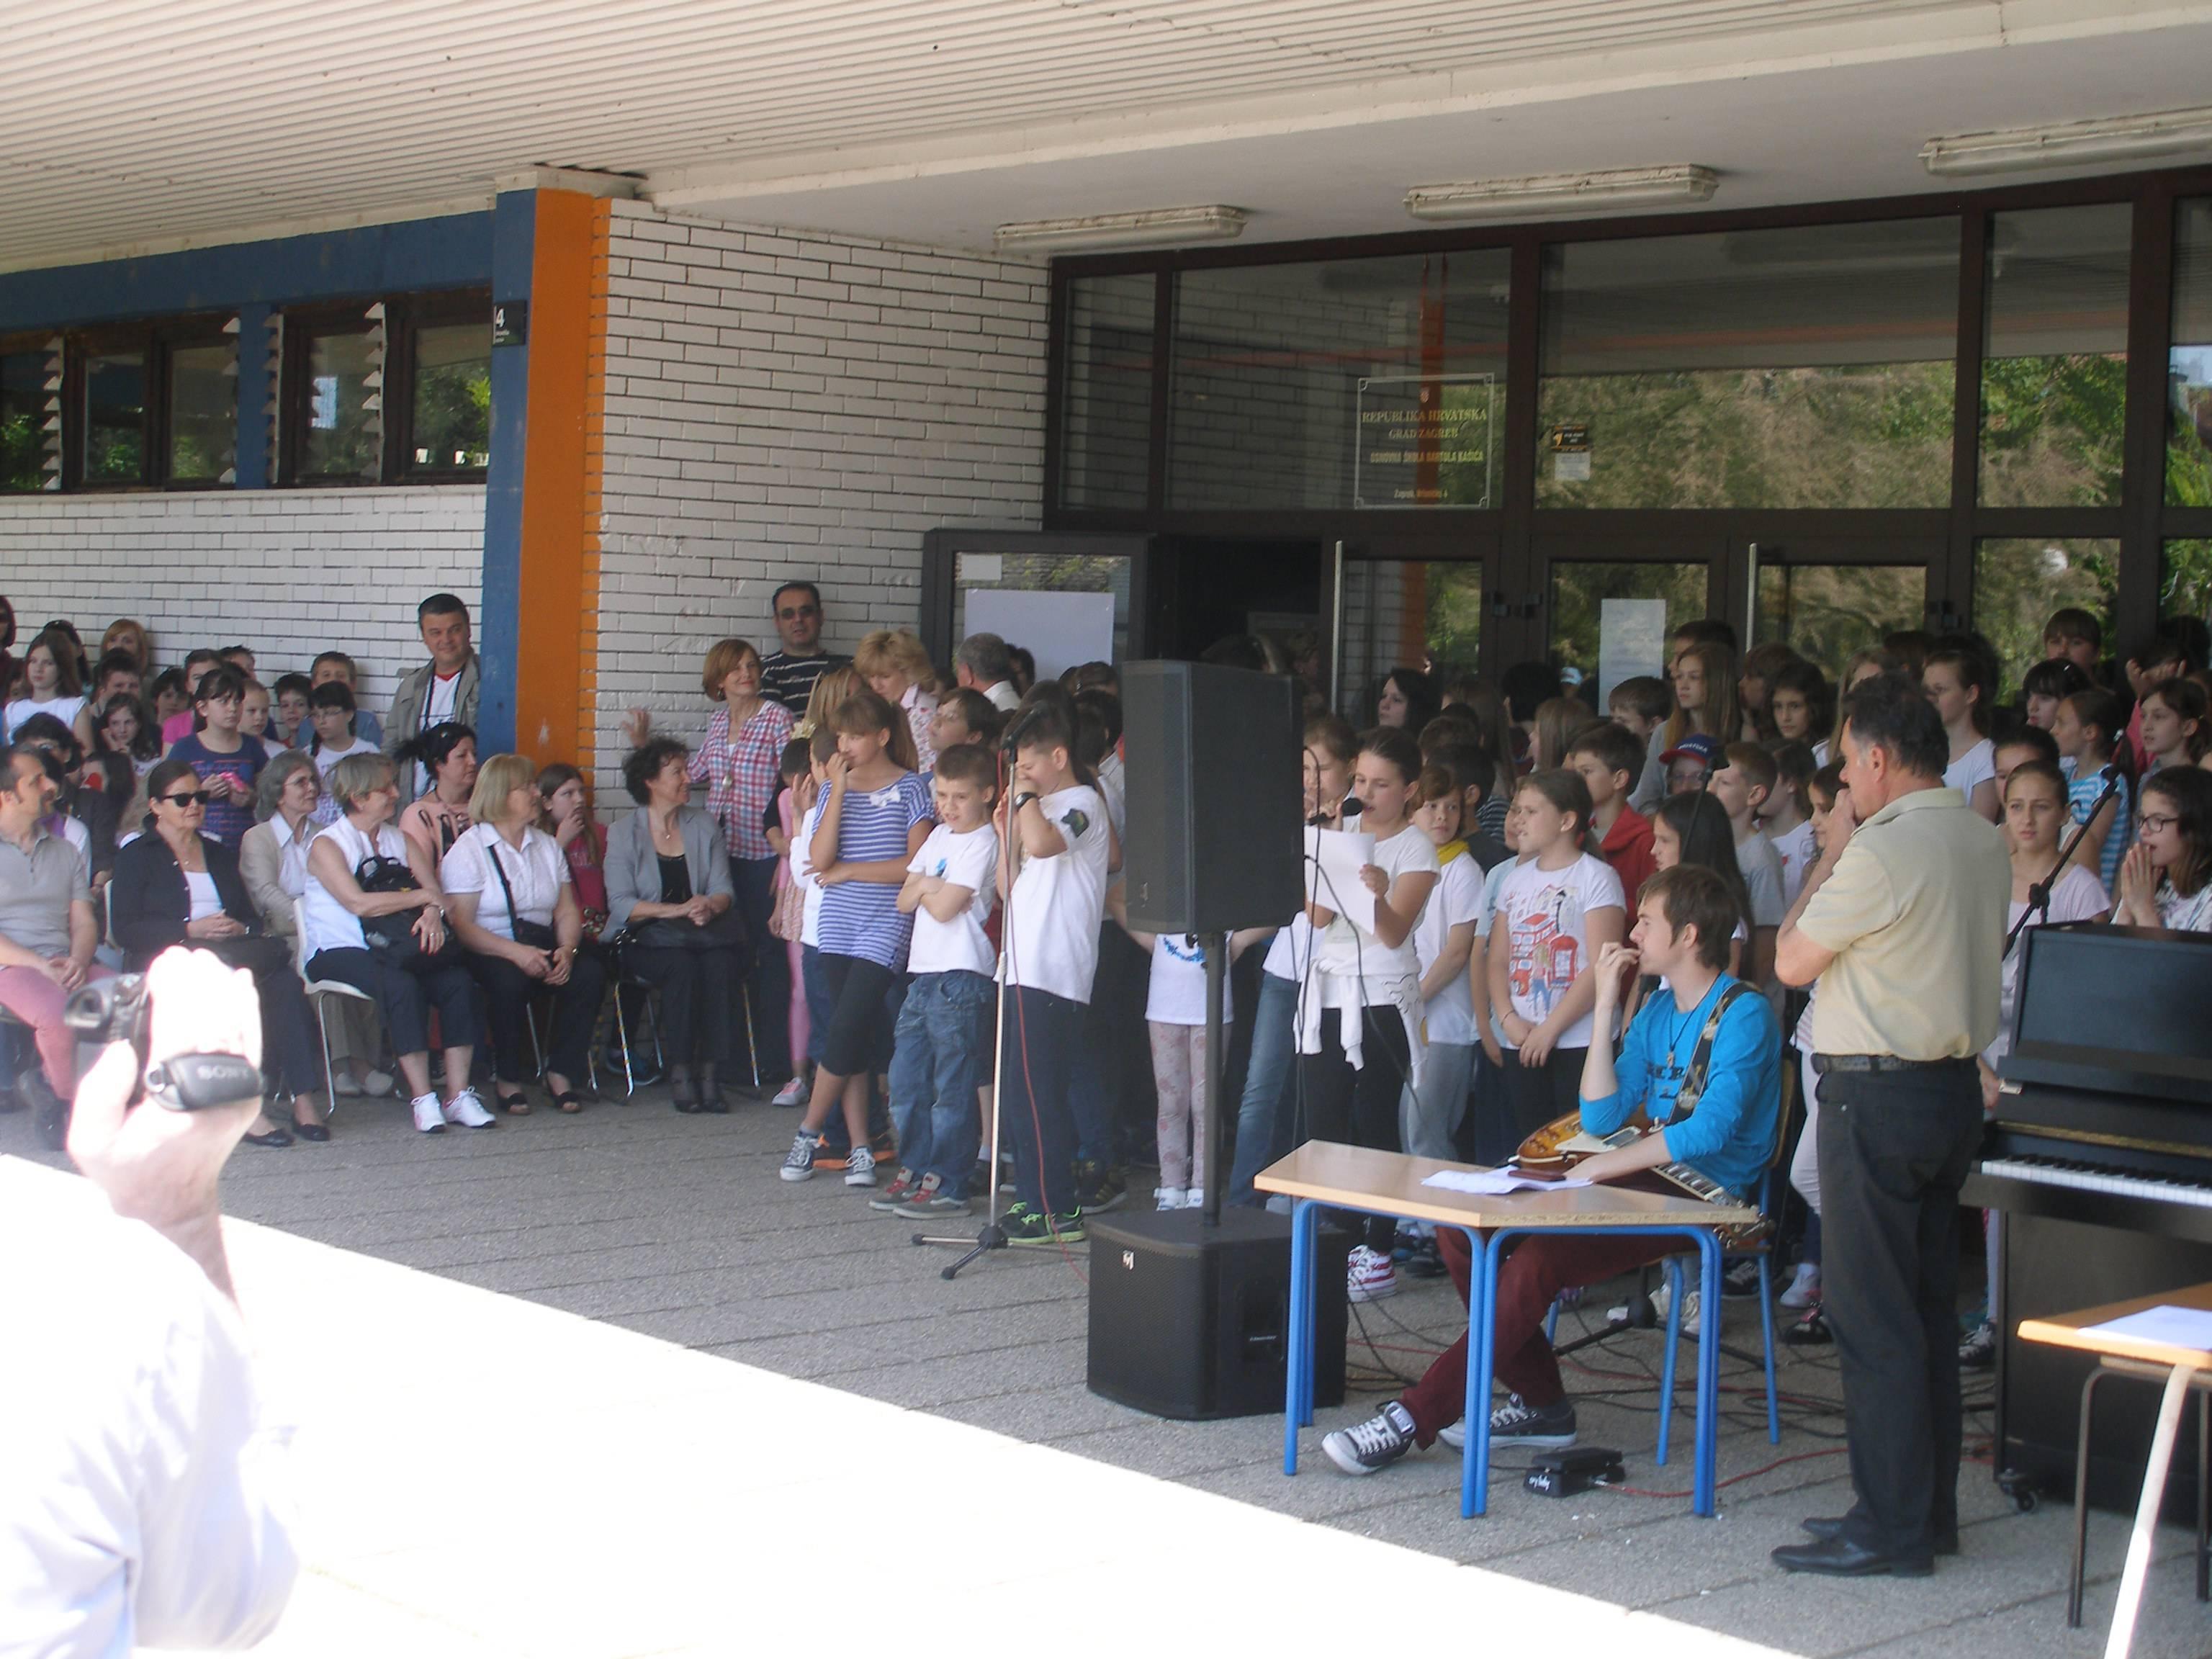 Osnovna Skola Bartola Kasica Zagreb Naslovnica Dan Skole 21 5